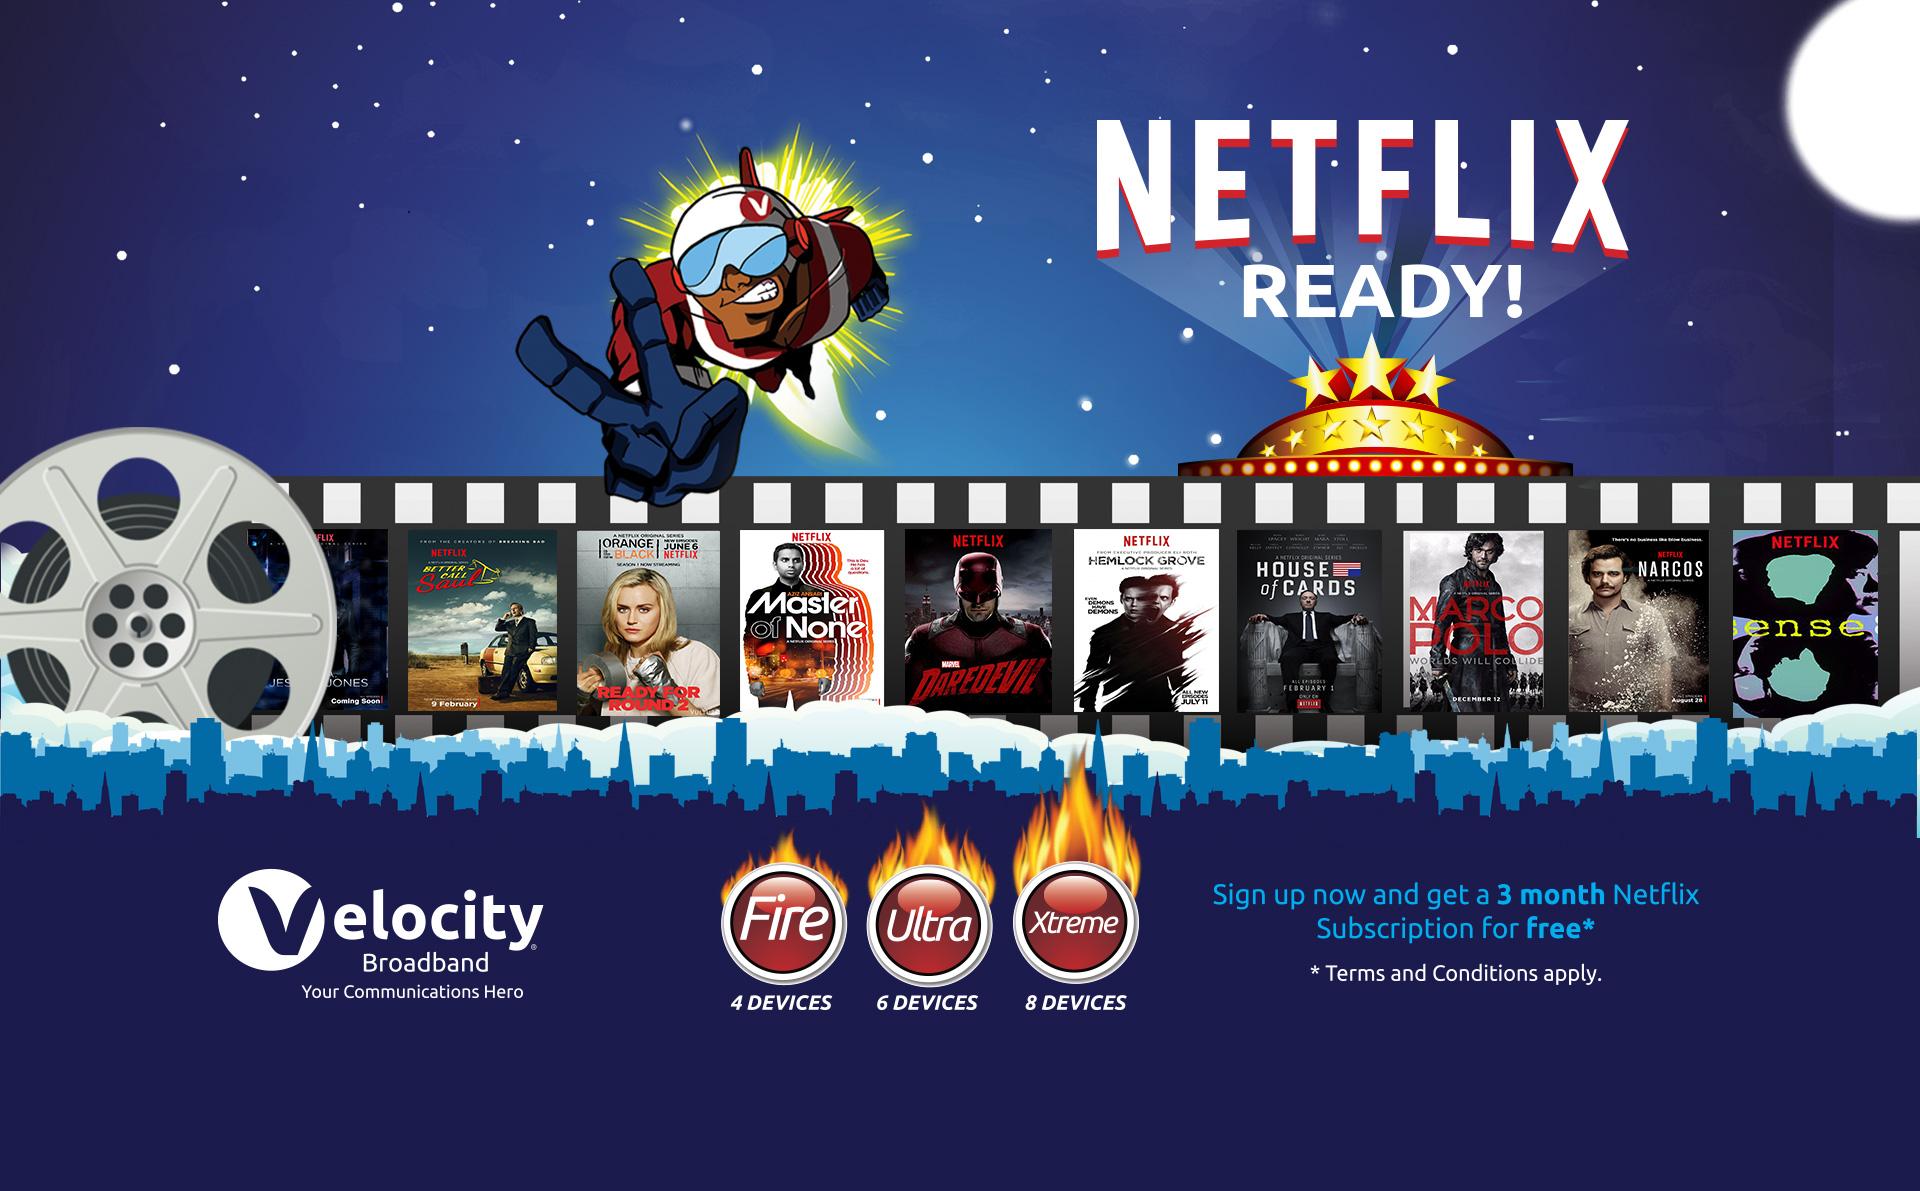 Netflix Ready